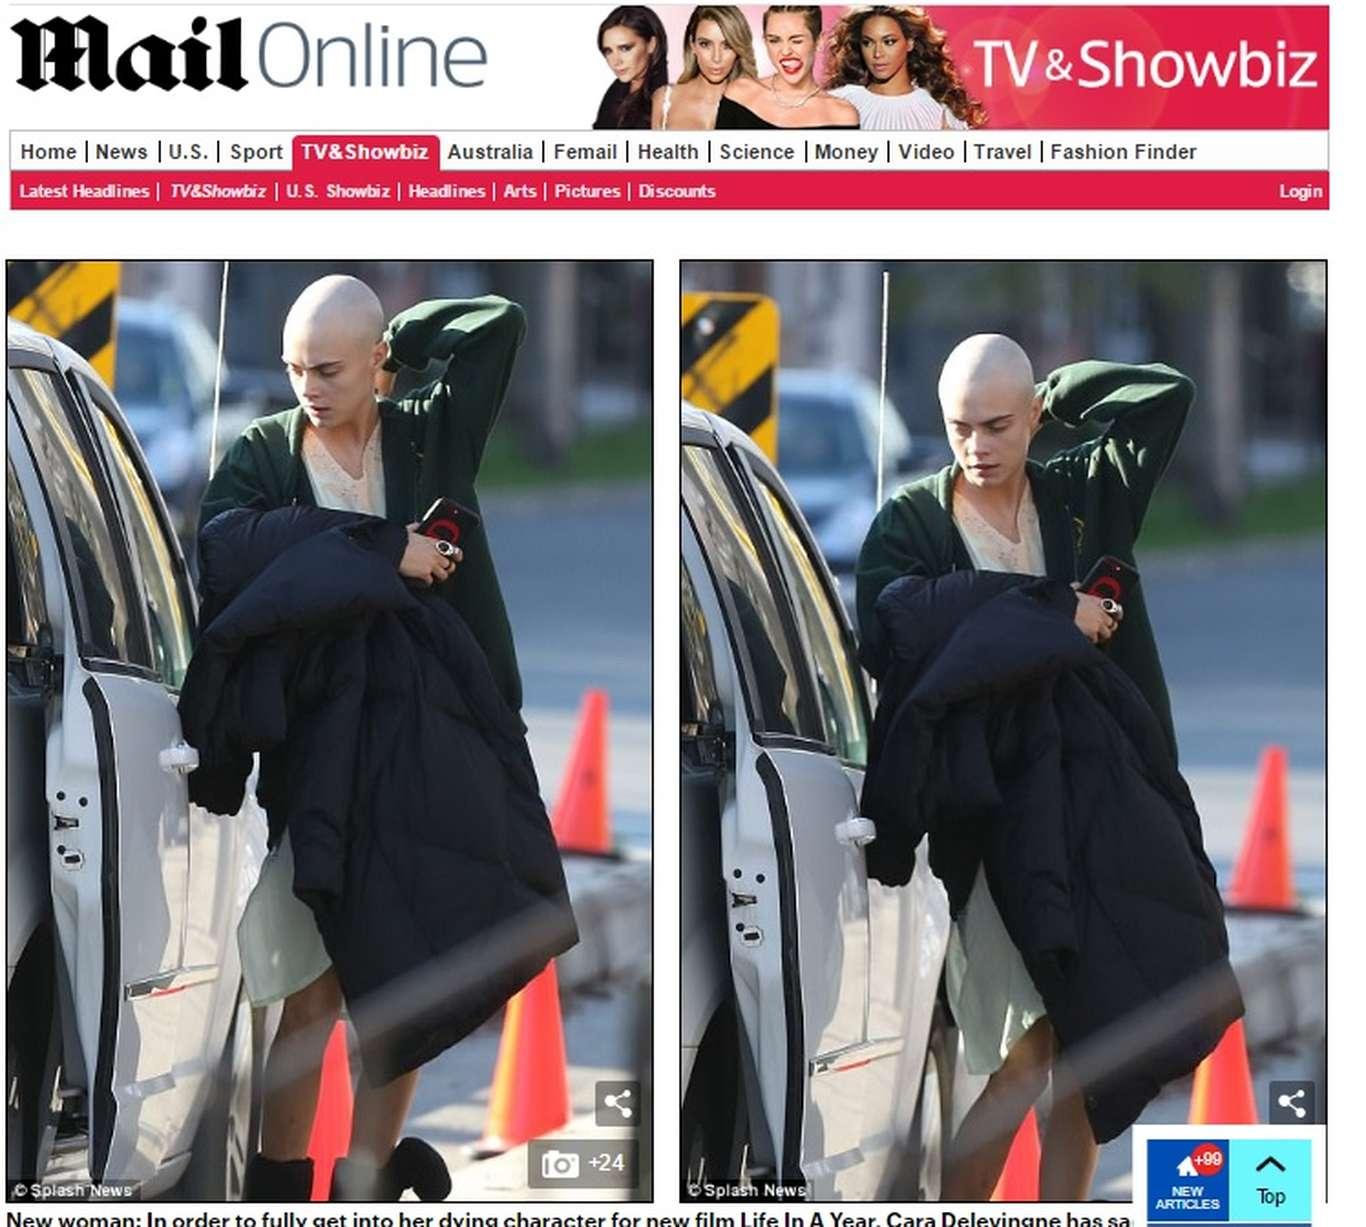 Primeira página do jornal Daily Mail Online, onde mostra a atriz Cara Delevingne careca, flagrada próxima a seu carro